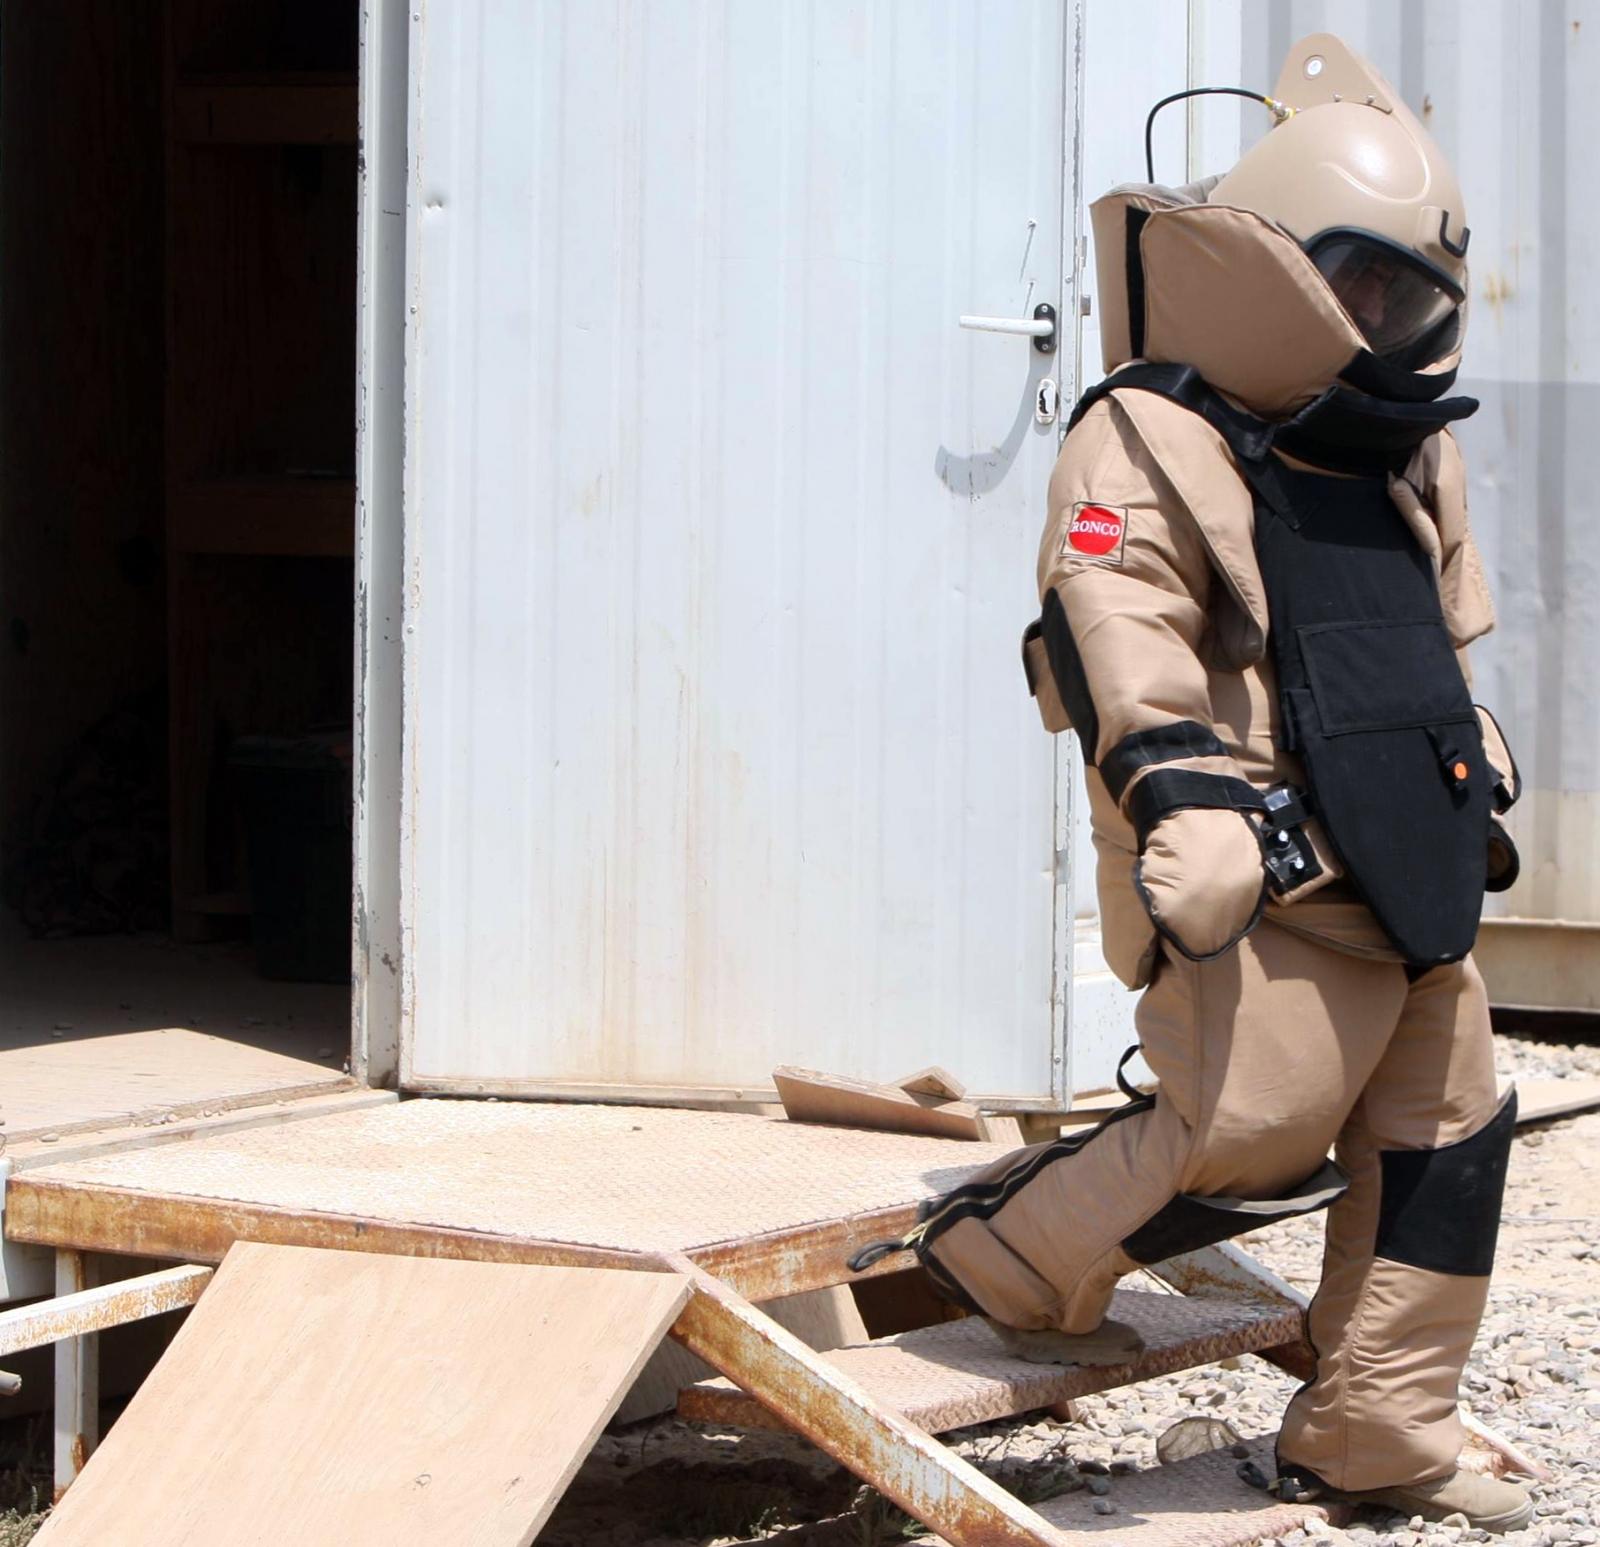 Iraq bomb disposal expert